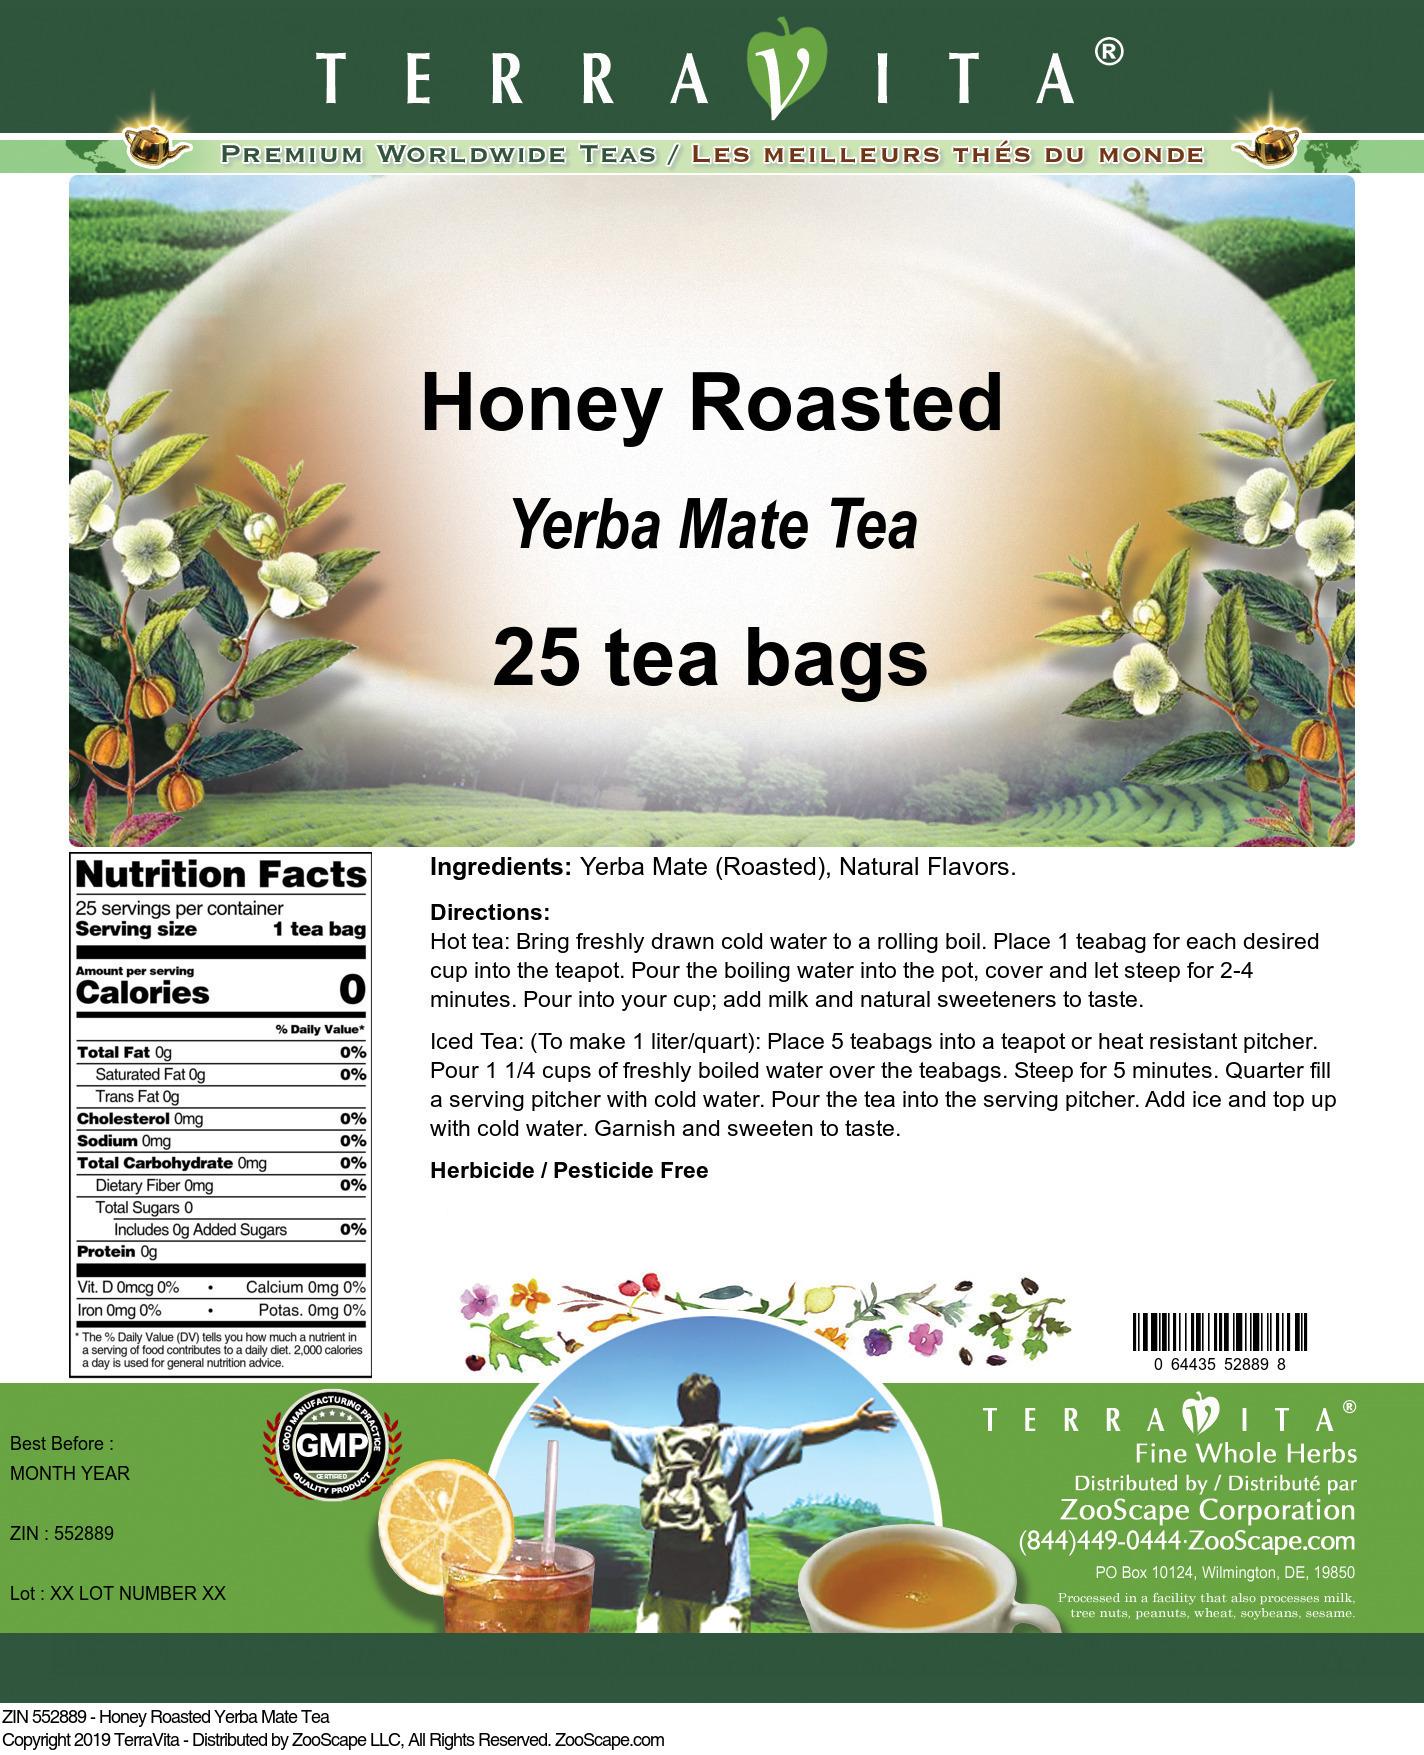 Honey Roasted Yerba Mate Tea